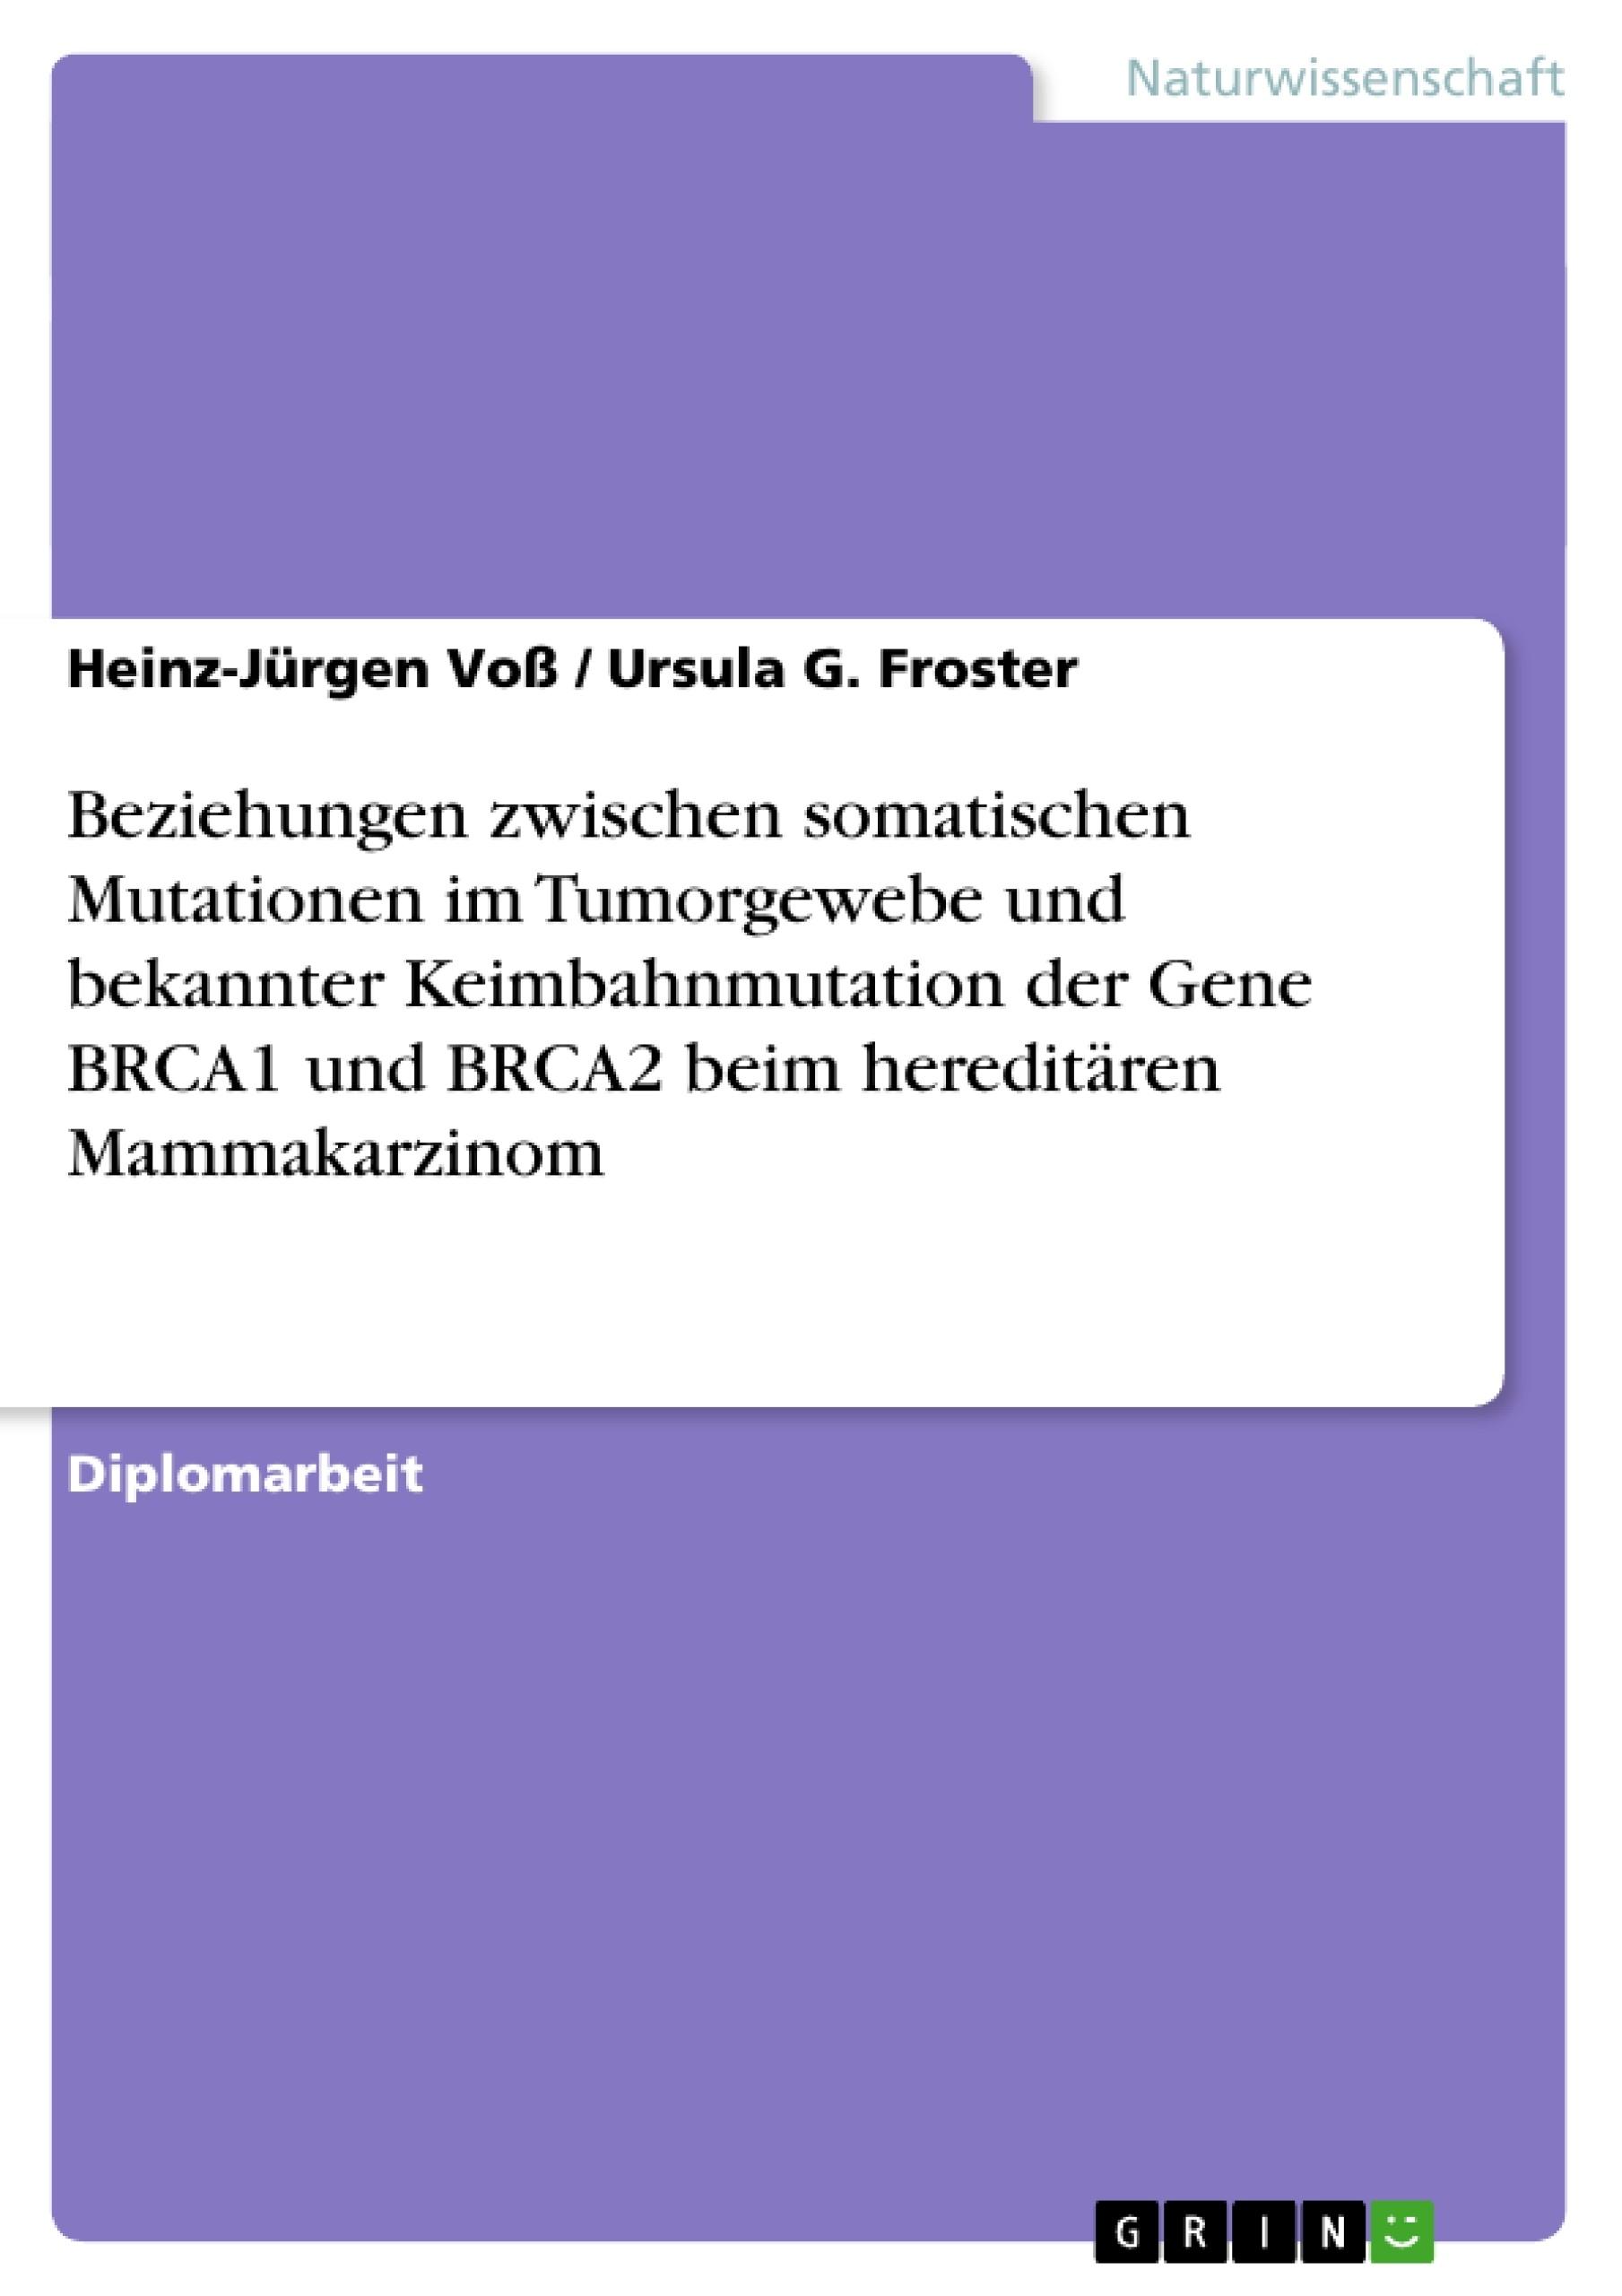 Titel: Beziehungen zwischen somatischen Mutationen im Tumorgewebe und bekannter Keimbahnmutation der Gene BRCA1 und BRCA2 beim hereditären Mammakarzinom